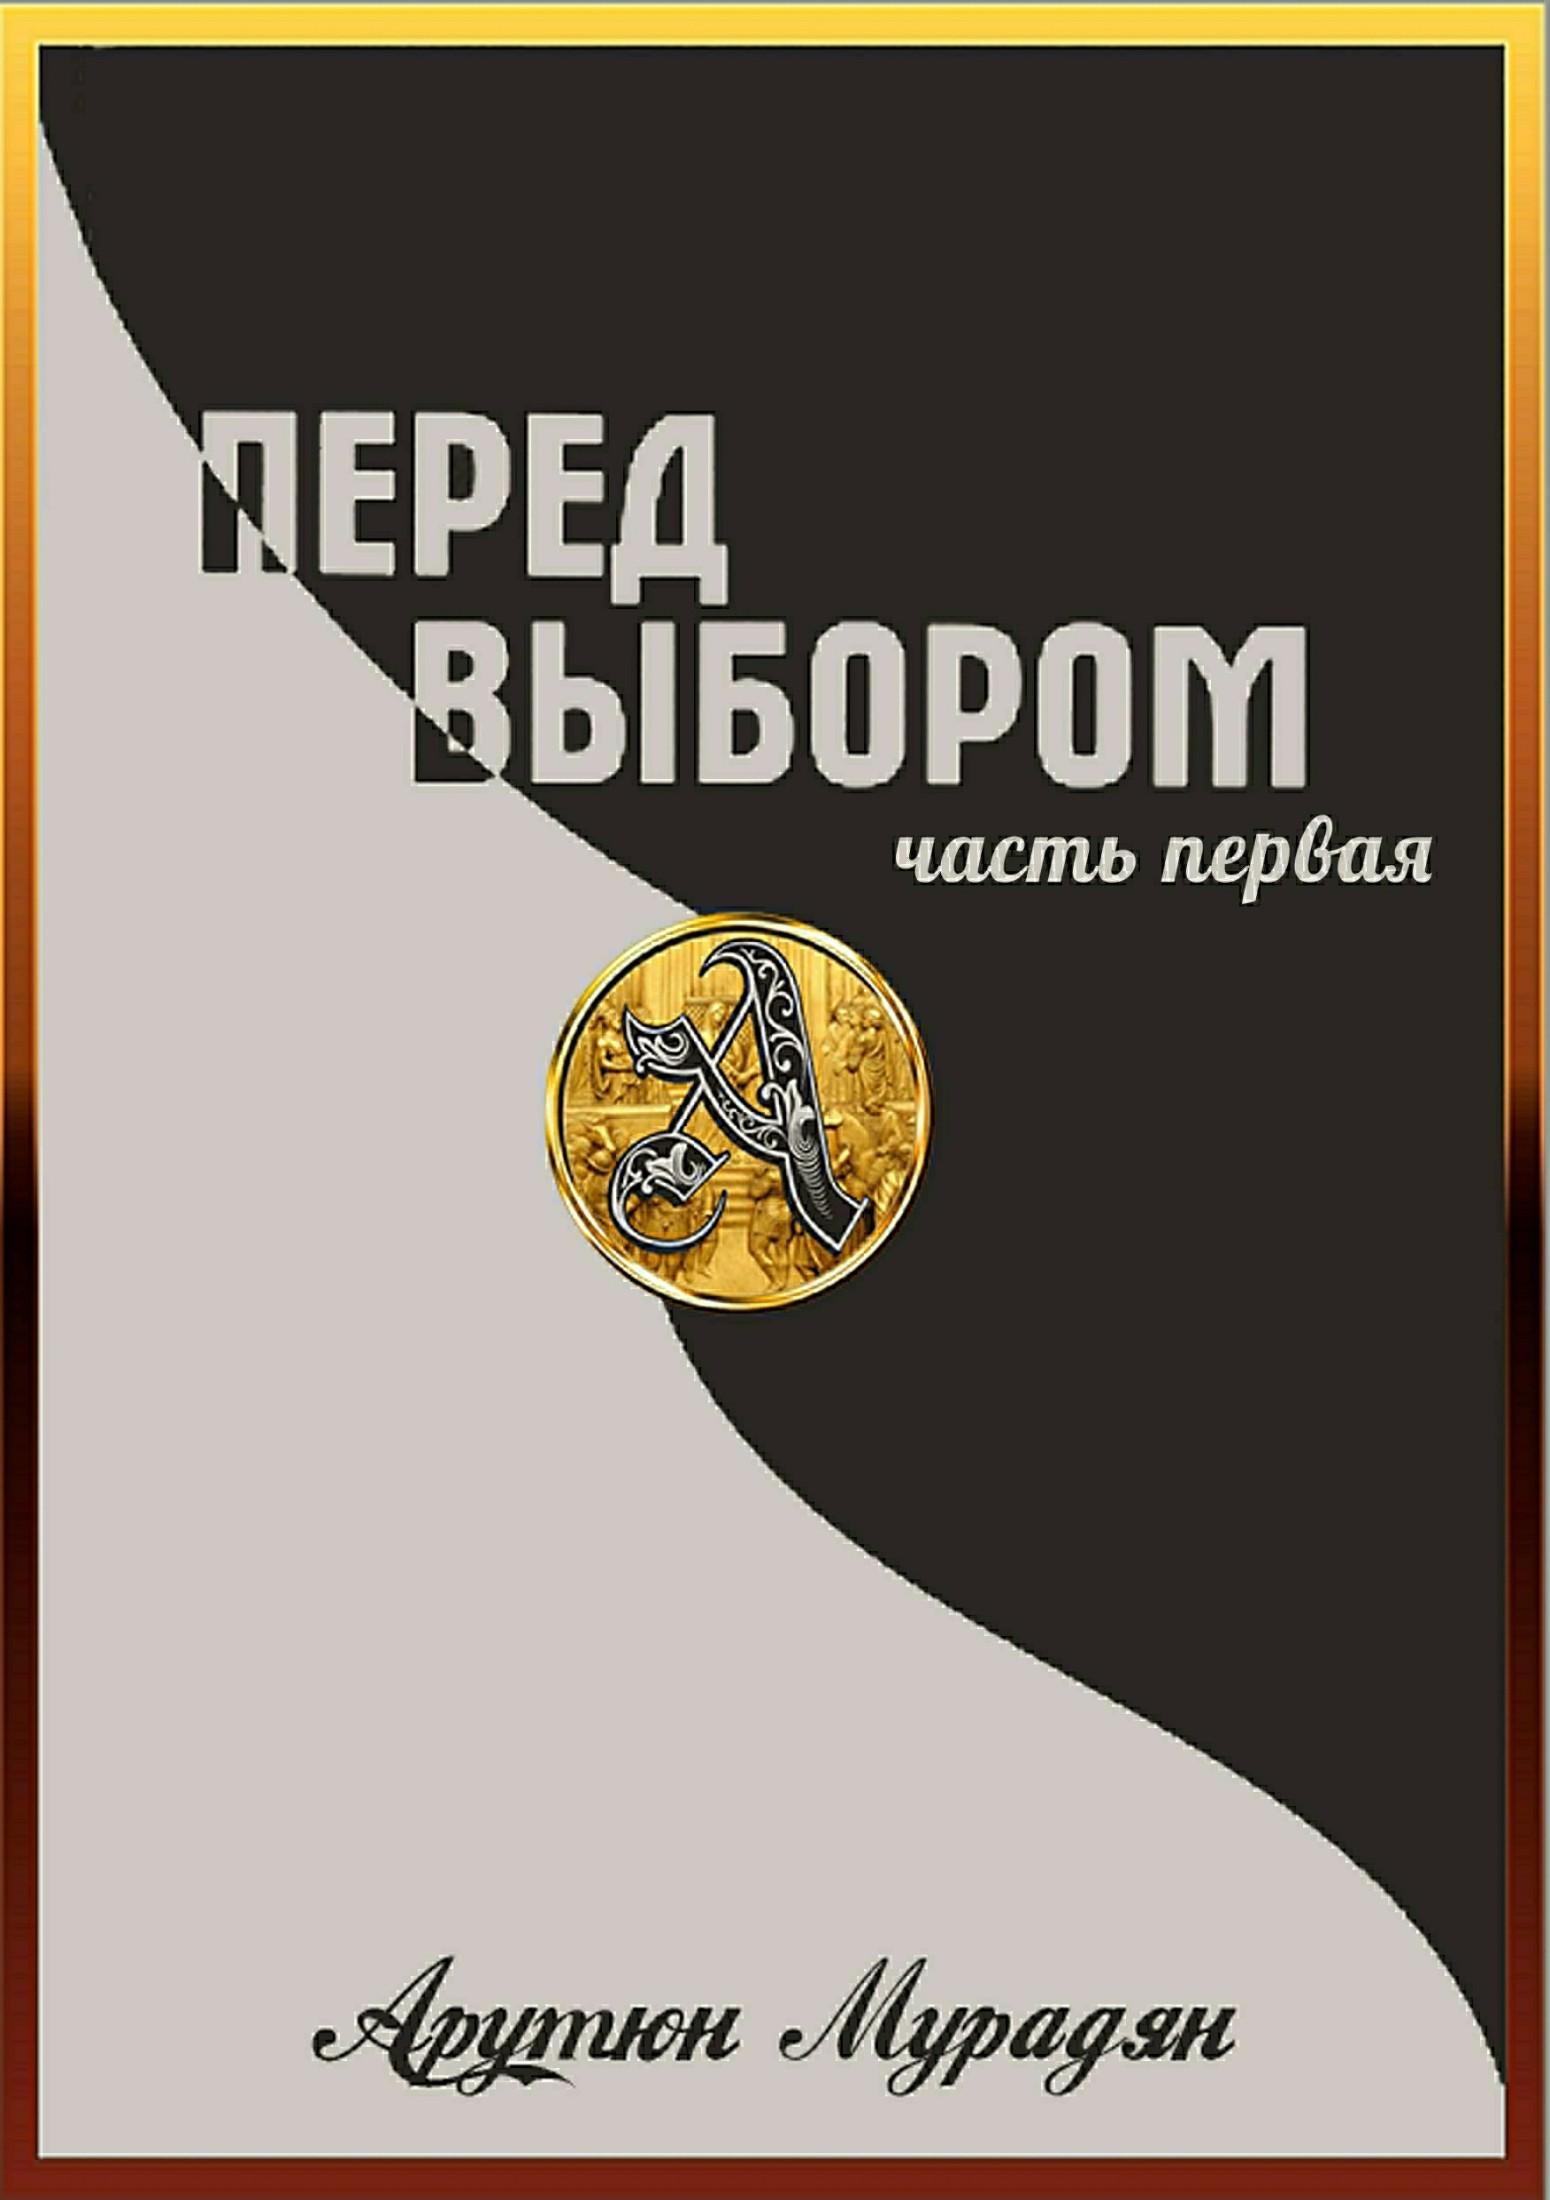 Арутюн Владимирович Мурадян. Перед выбором. Часть 1